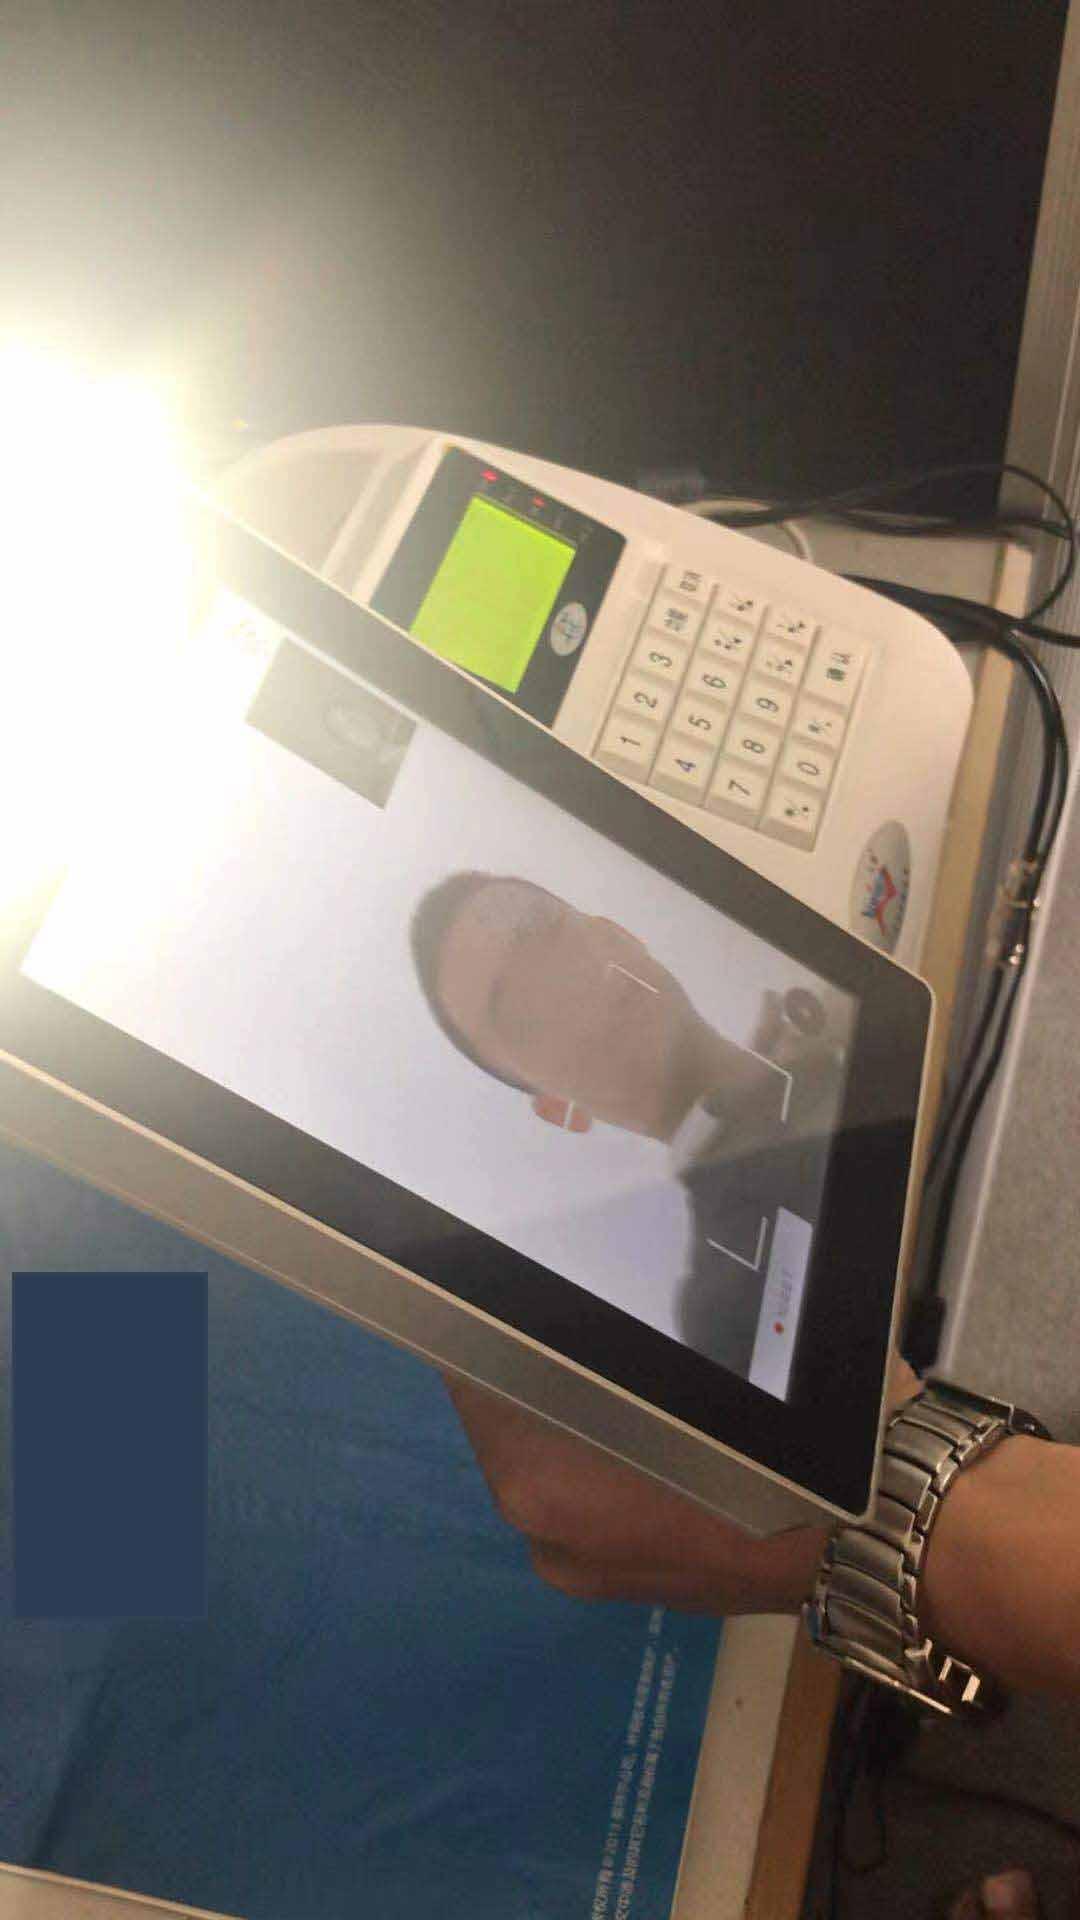 食堂人脸消费扣款机,食堂人脸识别系统,人脸识别售饭机